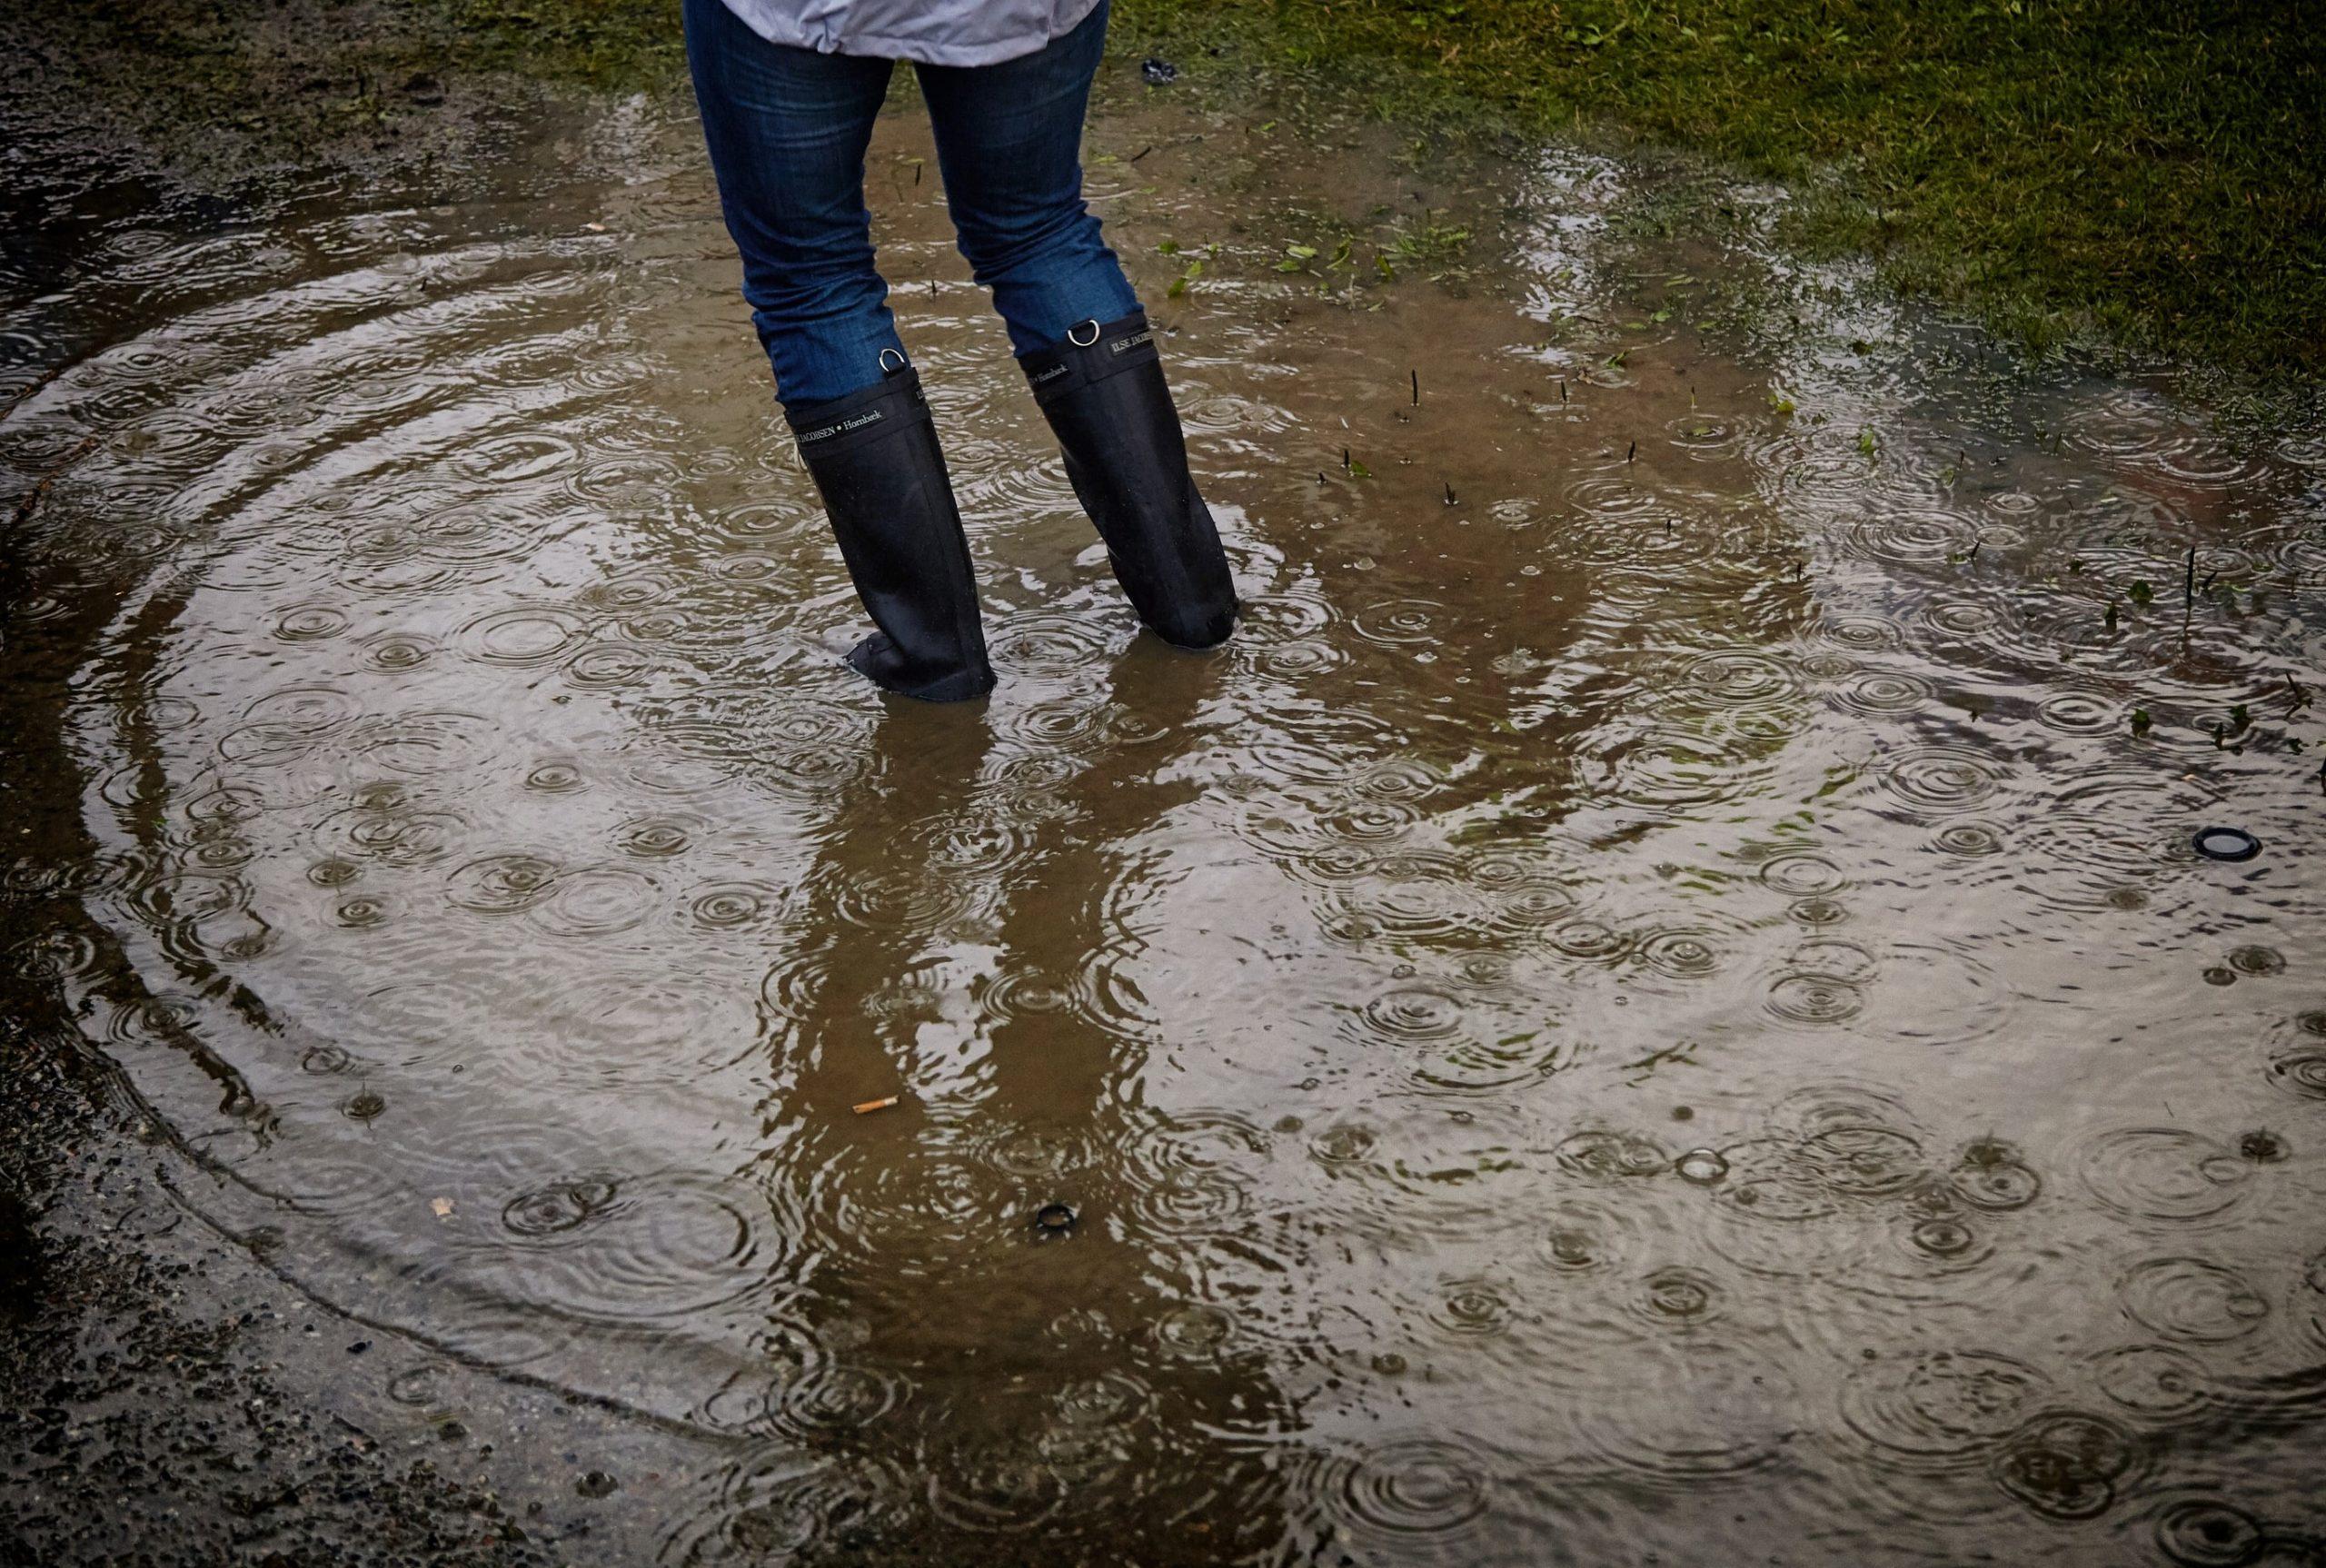 Where it Rains, it Floods